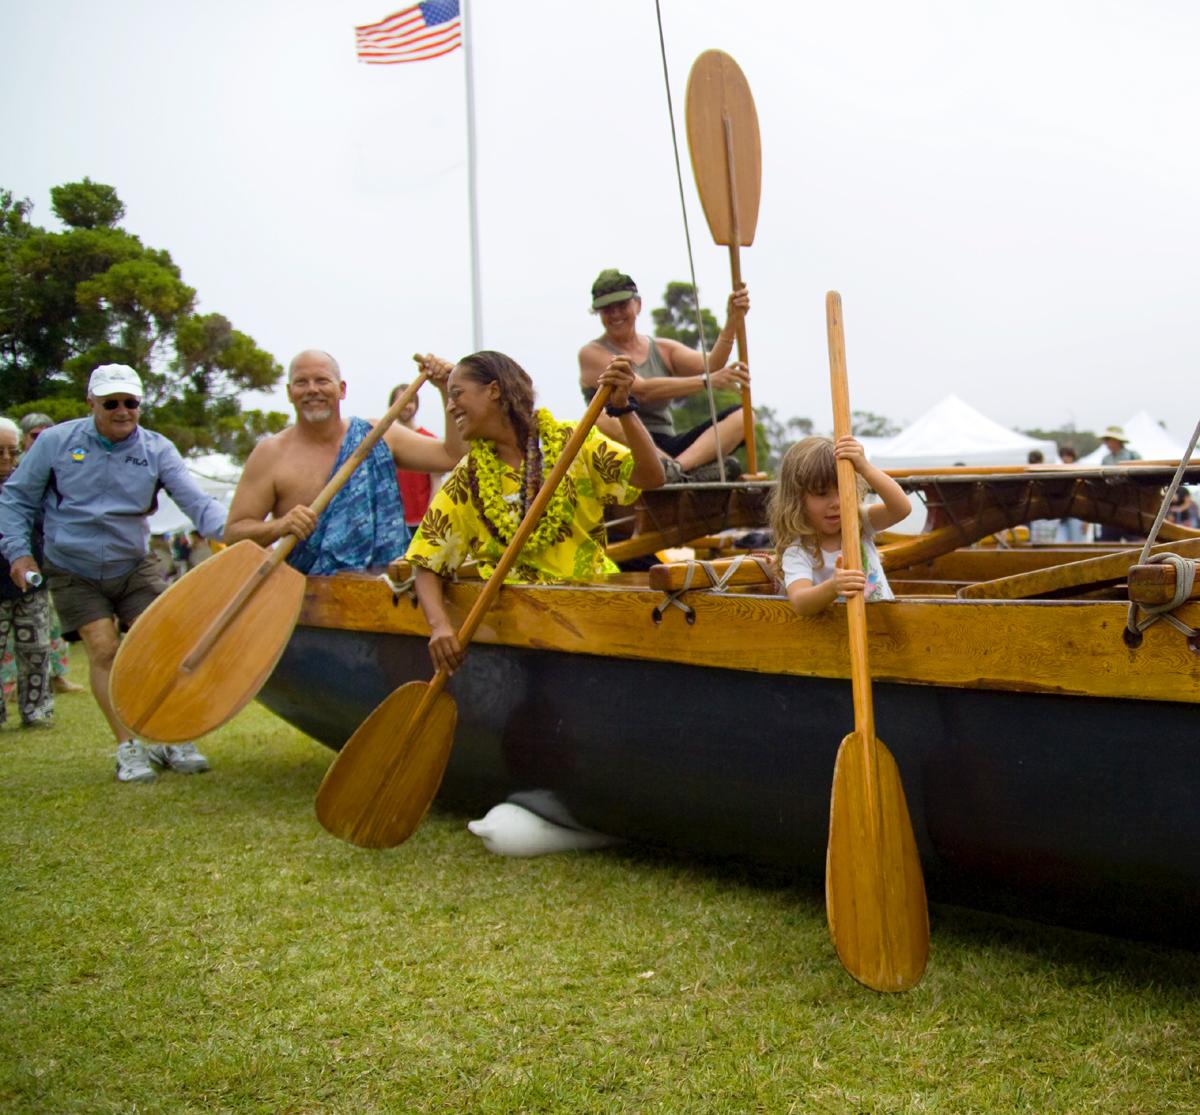 NPS photo of canoe by Park Ranger Jay Robinson